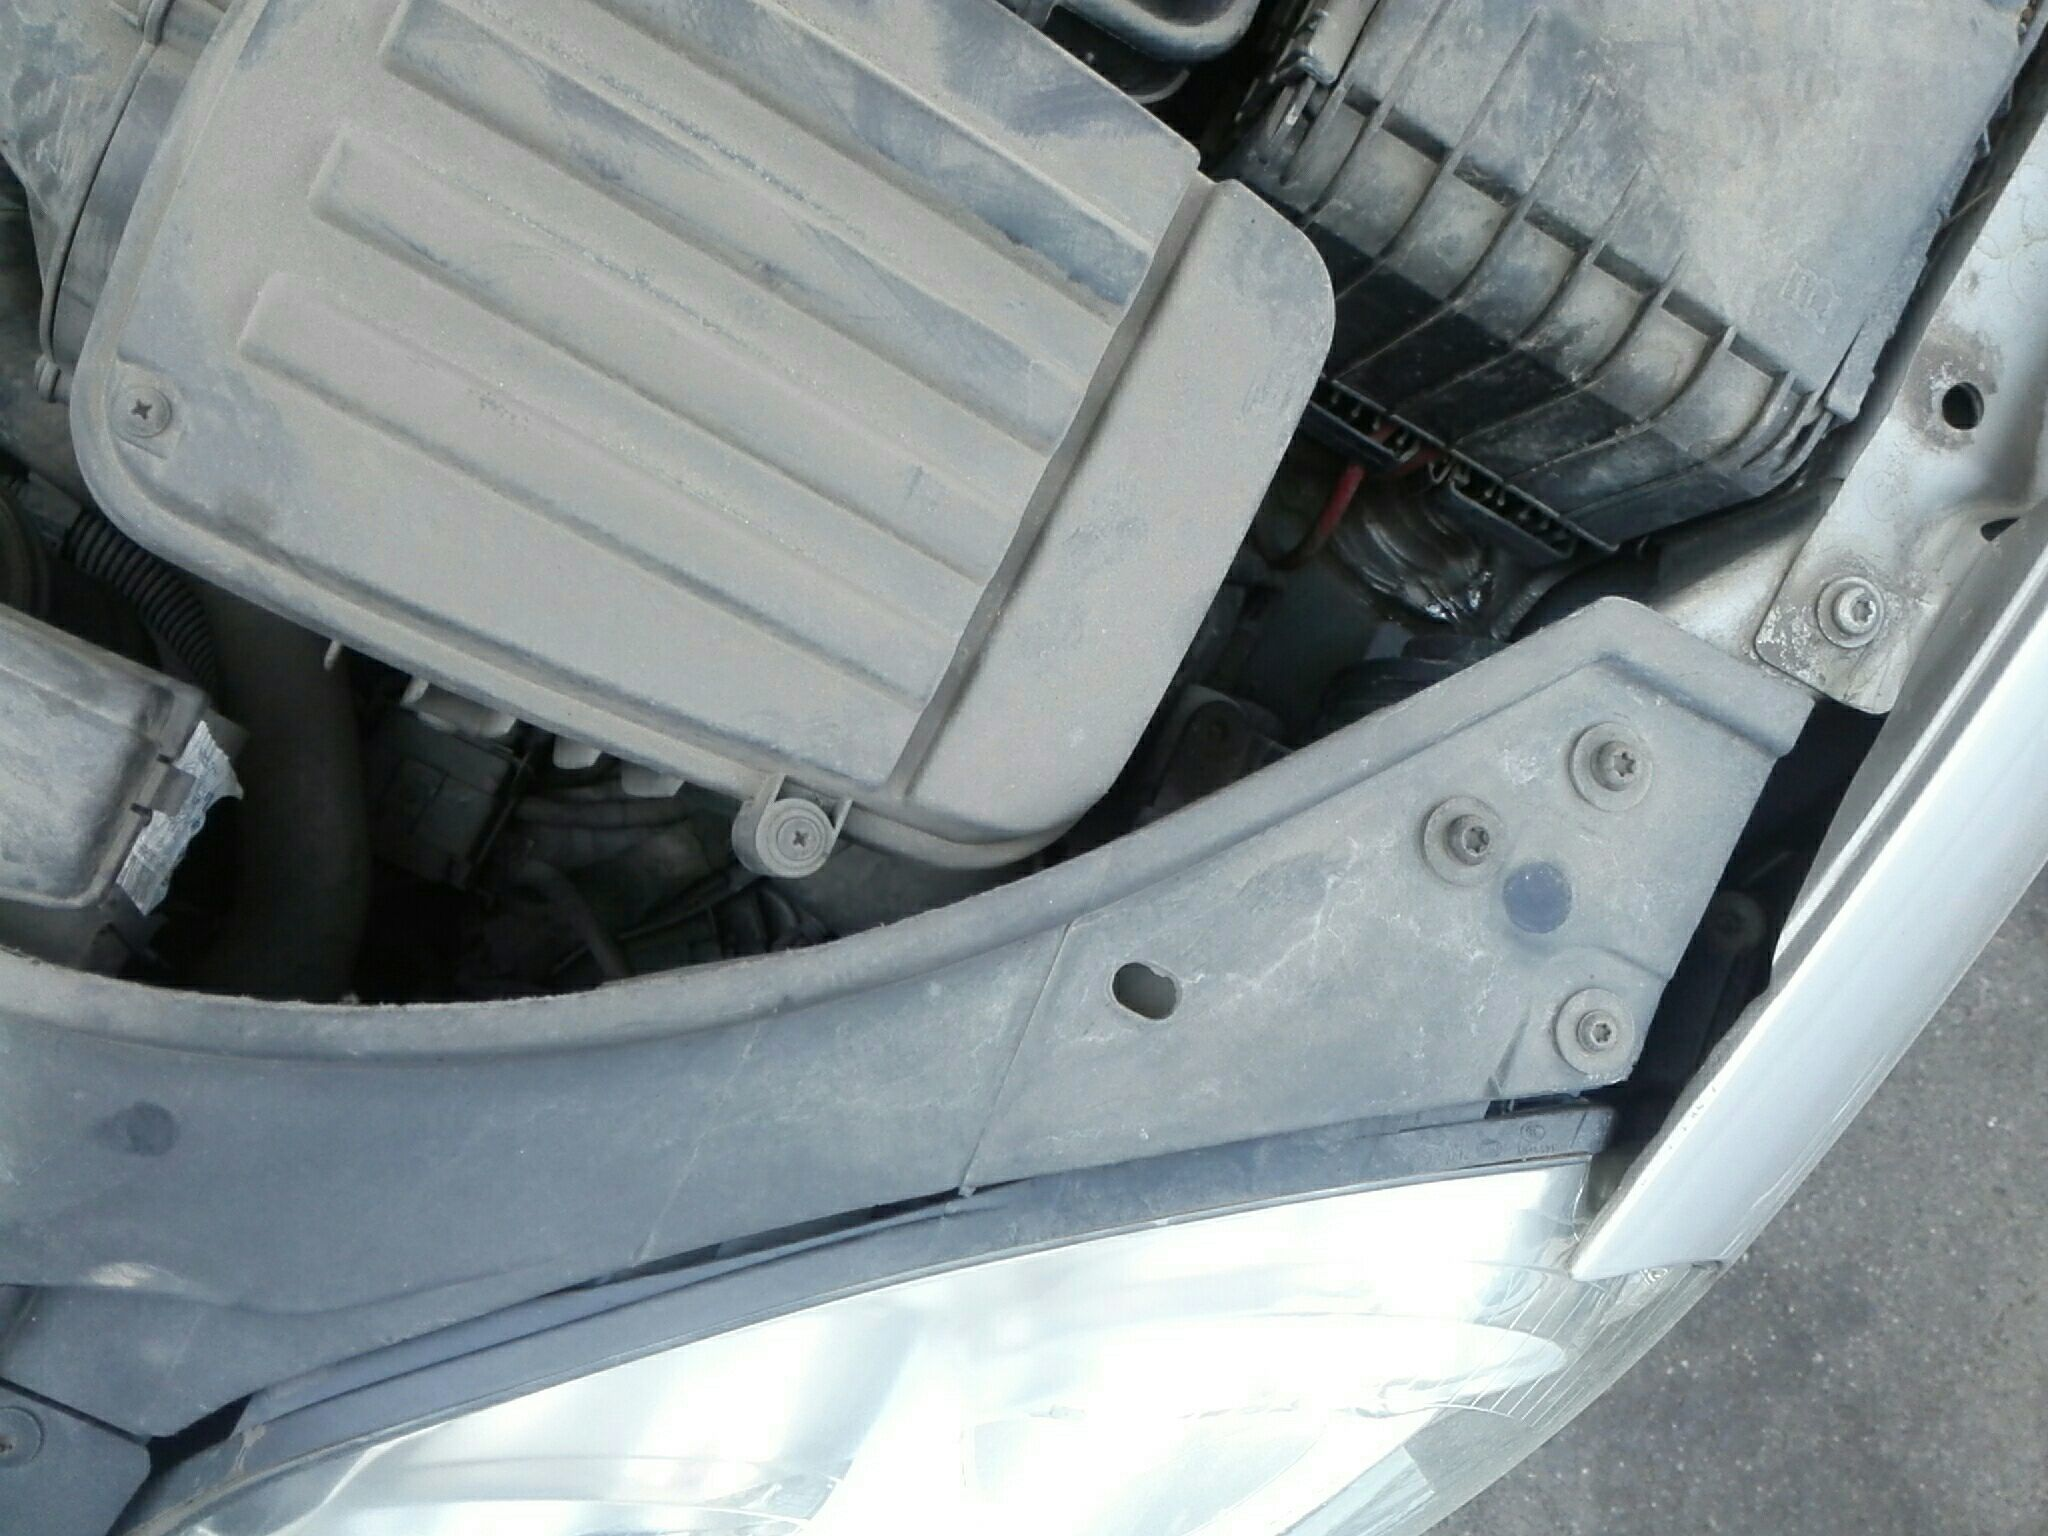 无锡二手大众速腾 > 大众速腾 2009  车头轻微的碰撞会导致水箱框架变